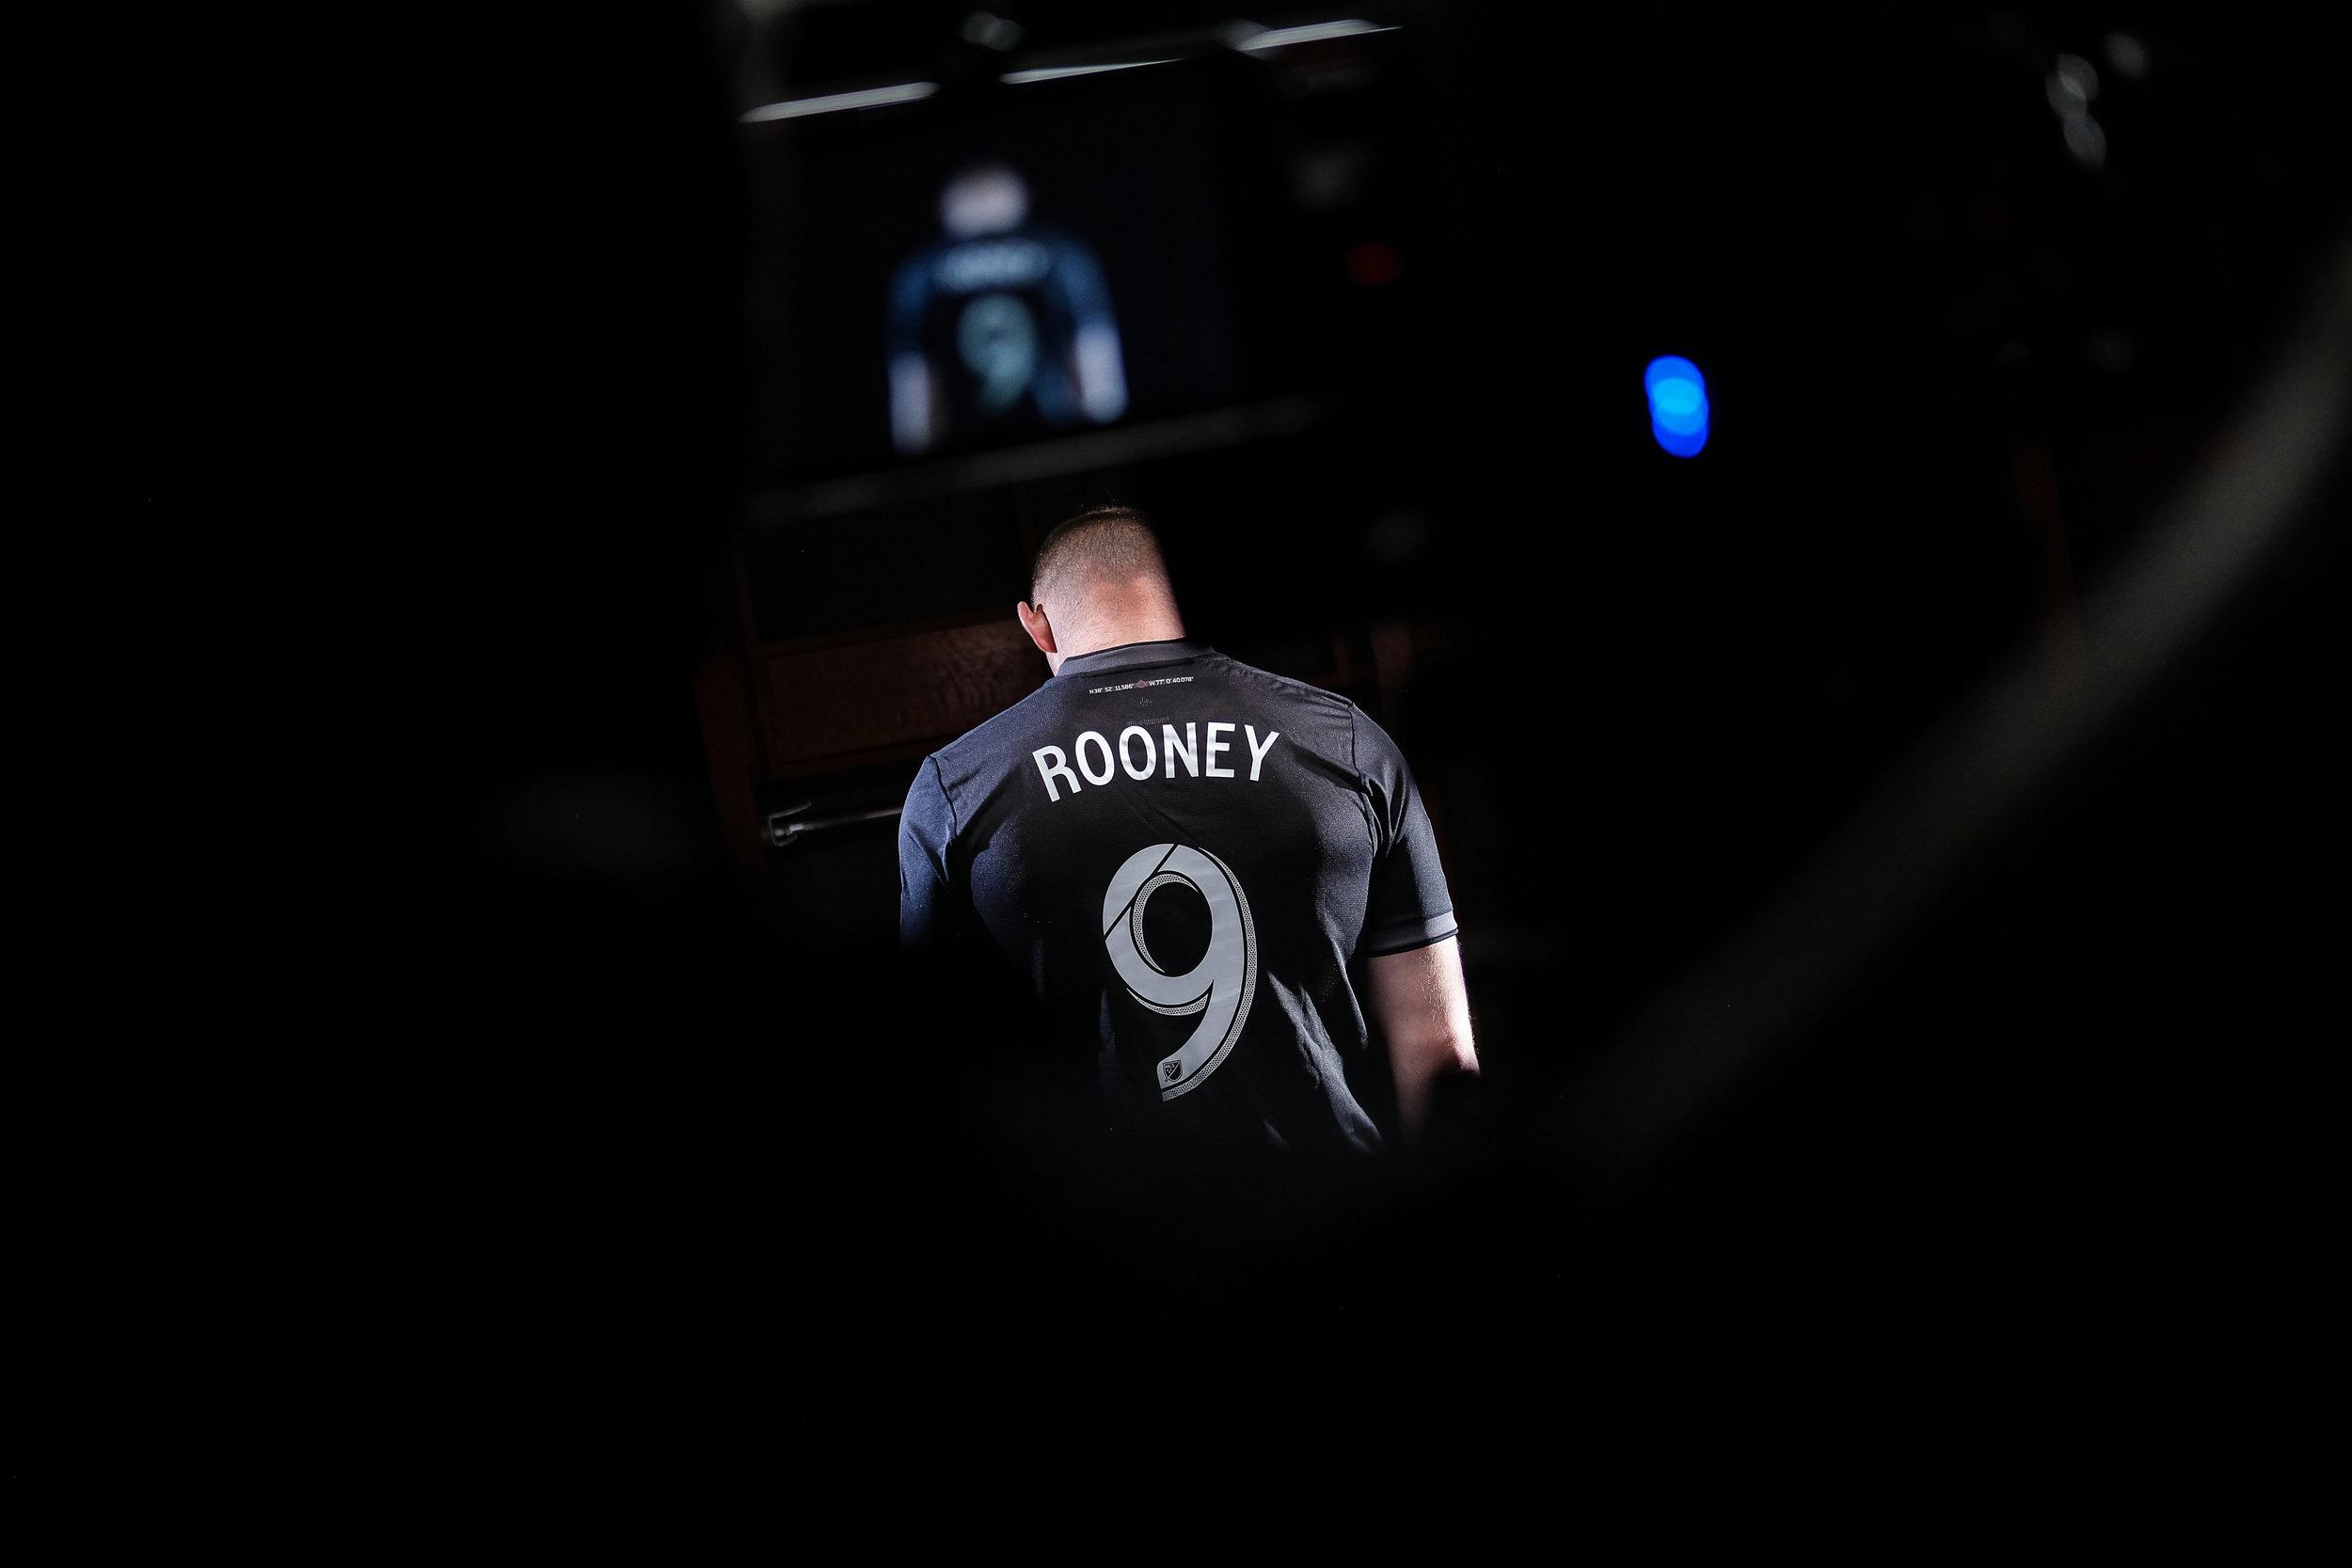 dc united wayne rooney-116.jpg